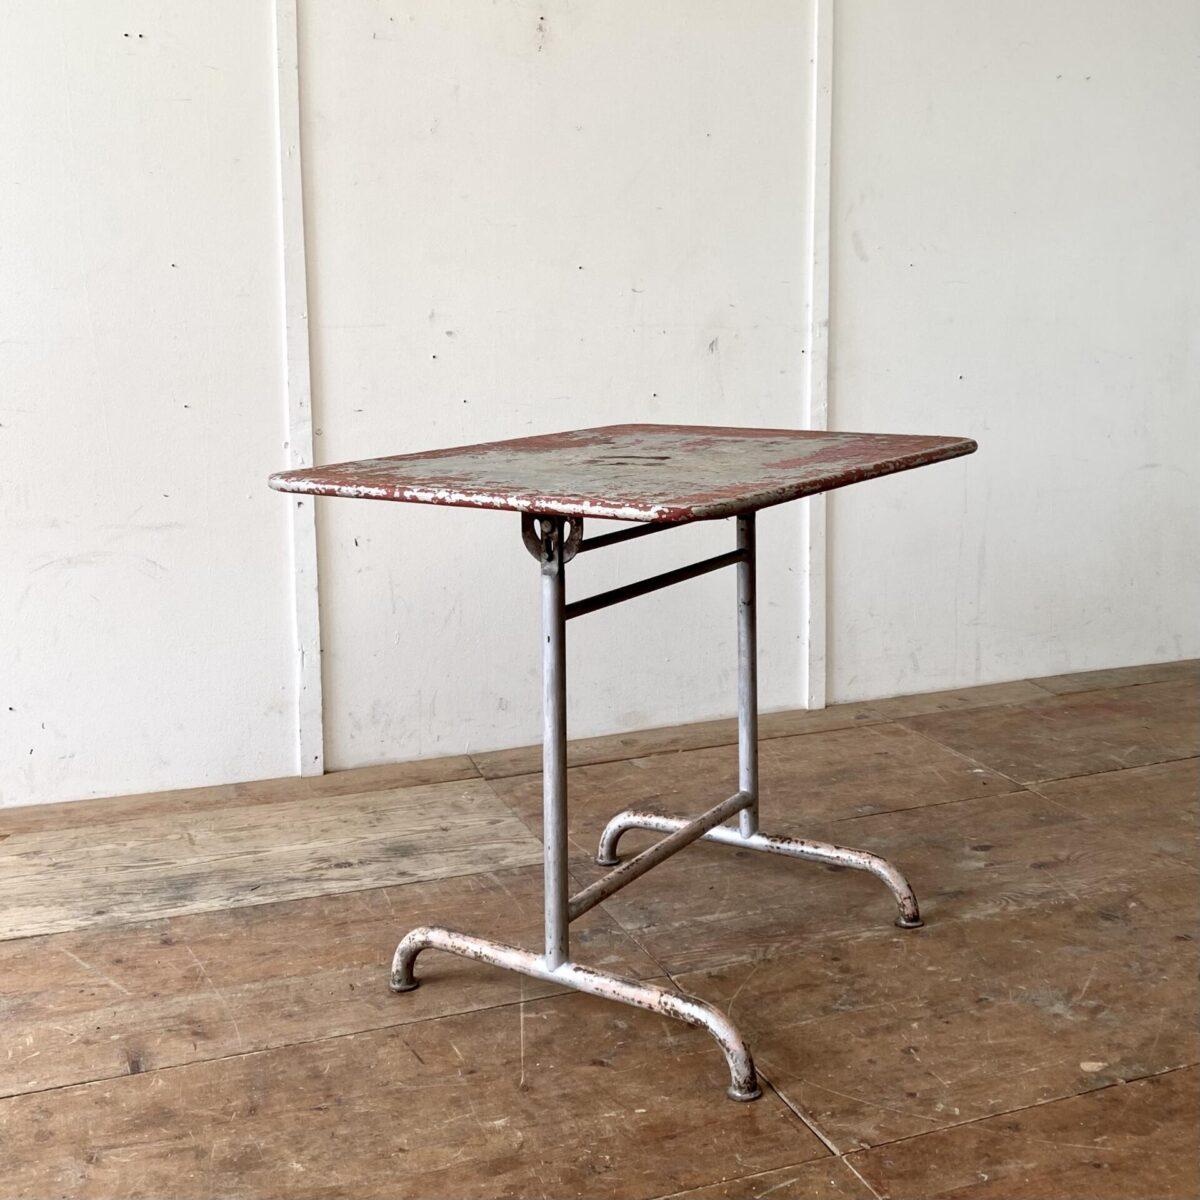 Deuxieme.shop vintage Gartentisch Bigla swiss designklassiker. Kleiner klappbarer Metall Gartentisch von Bigla. 100x70cm Höhe 77cm. Der Tisch hat ein kompaktes Format für bis zu 4 Personen. Die Farbe ist fast komplett abgewetzt, das Tischblatt scheint aus verzinktem Blech zu sein und hat keine Roststellen.